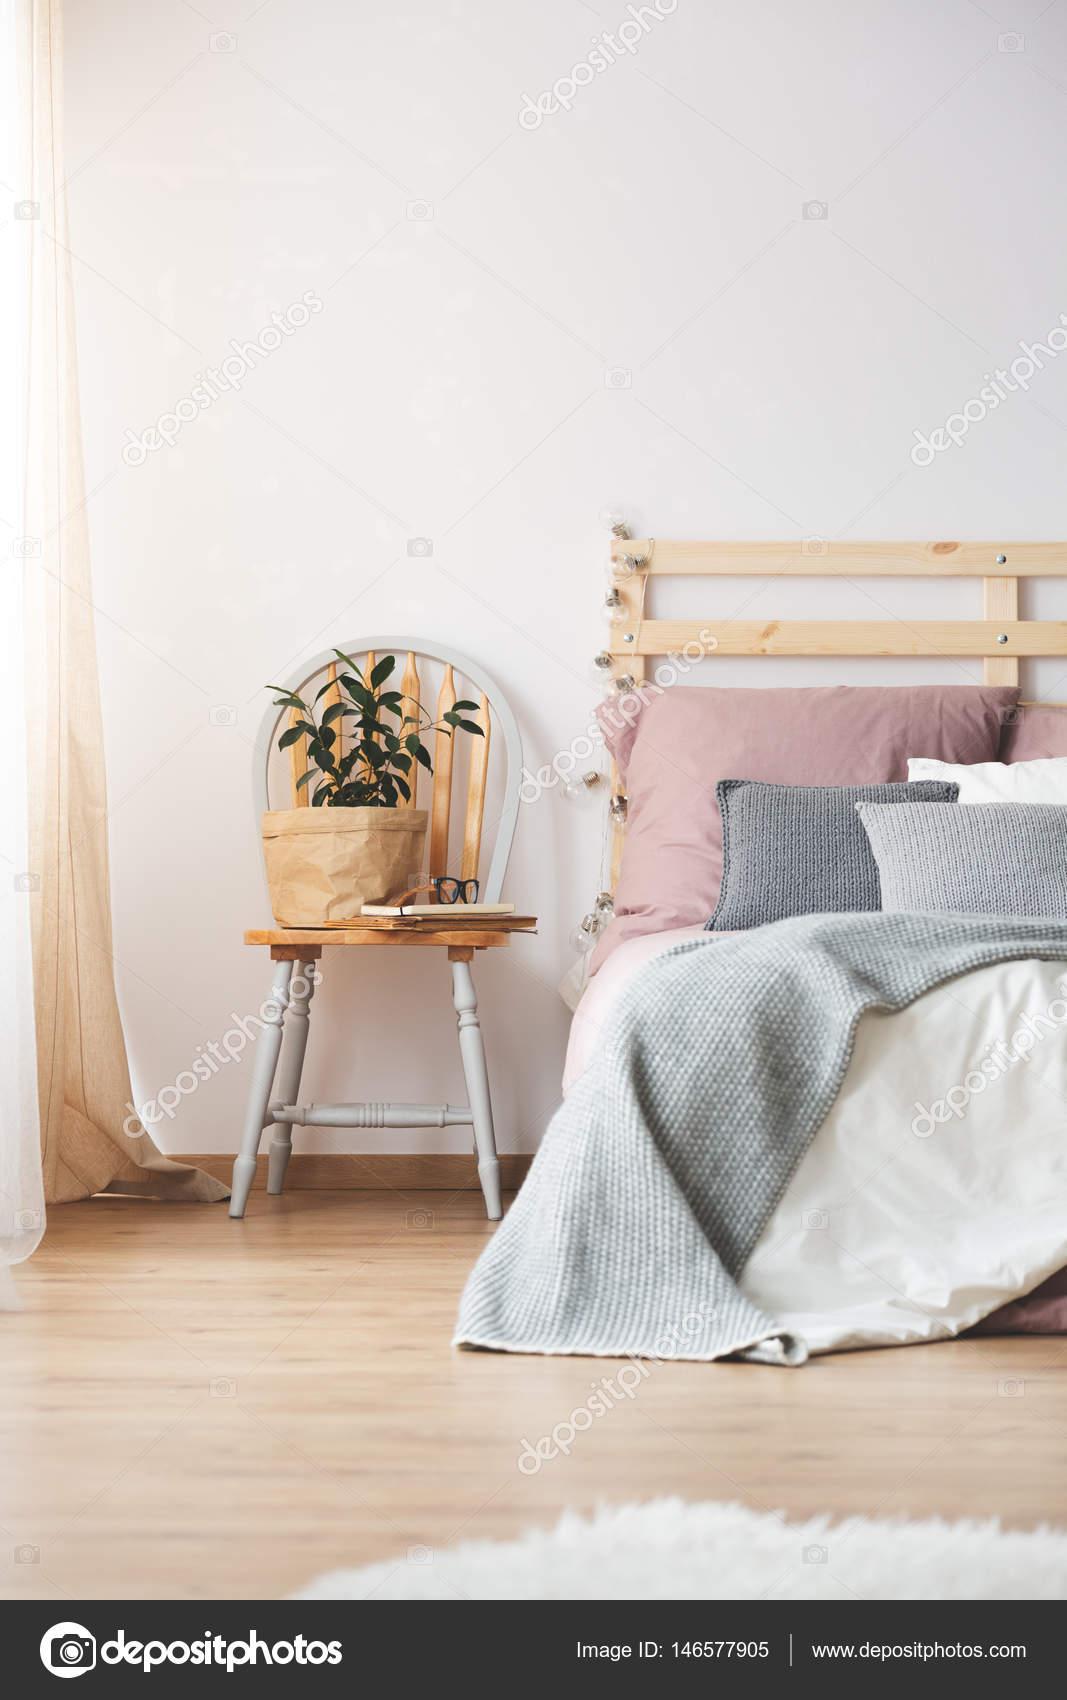 Stoel en bed in de slaapkamer — Stockfoto © photographee.eu #146577905